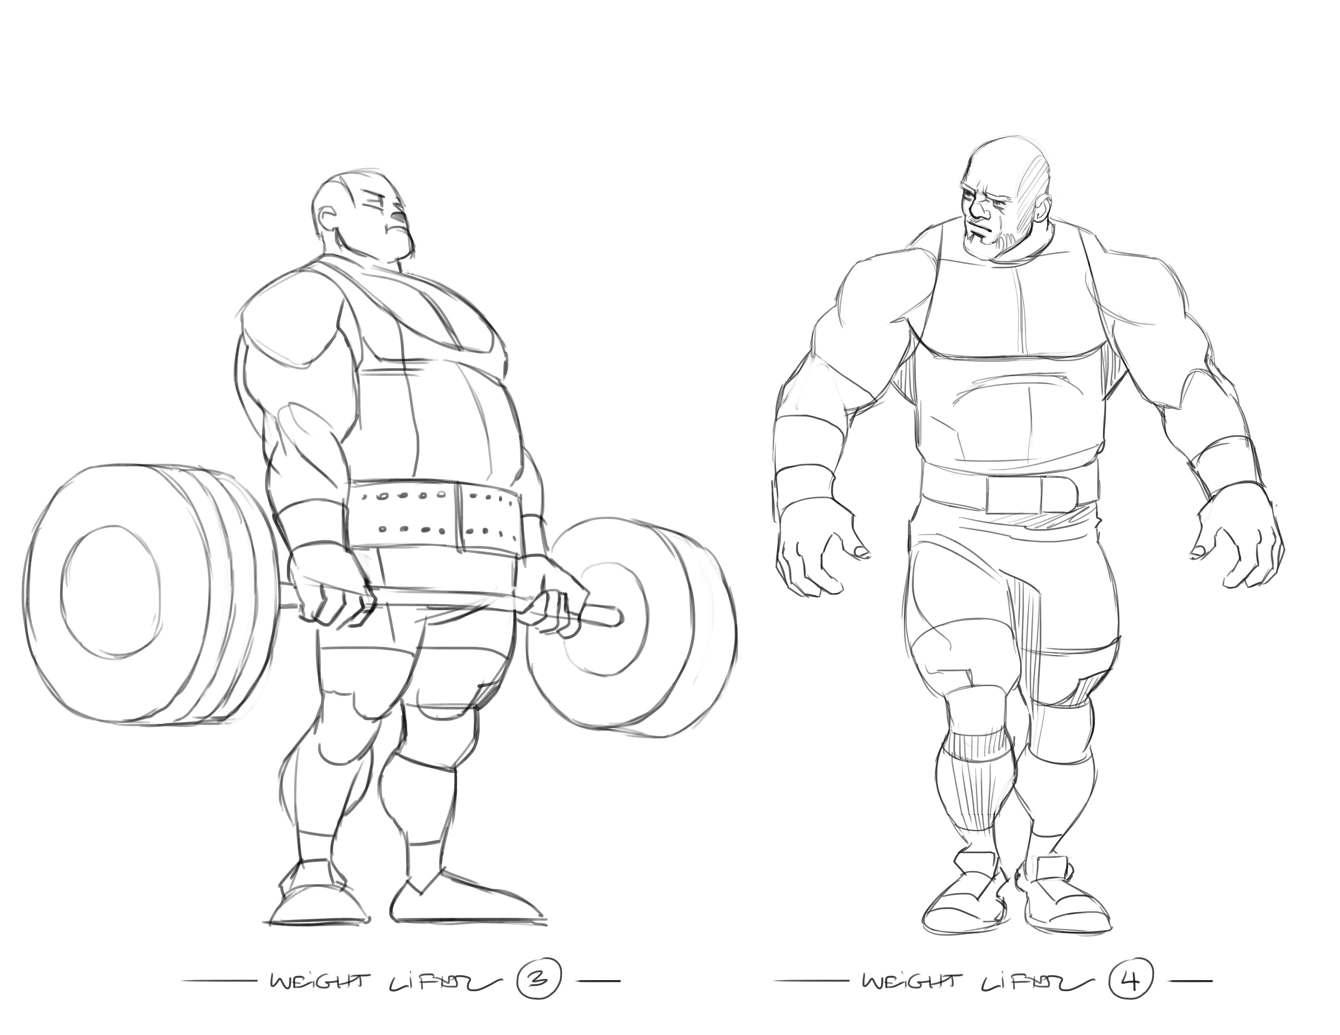 sports-character-design-Weight-Lifter-02_1340_c.jpg